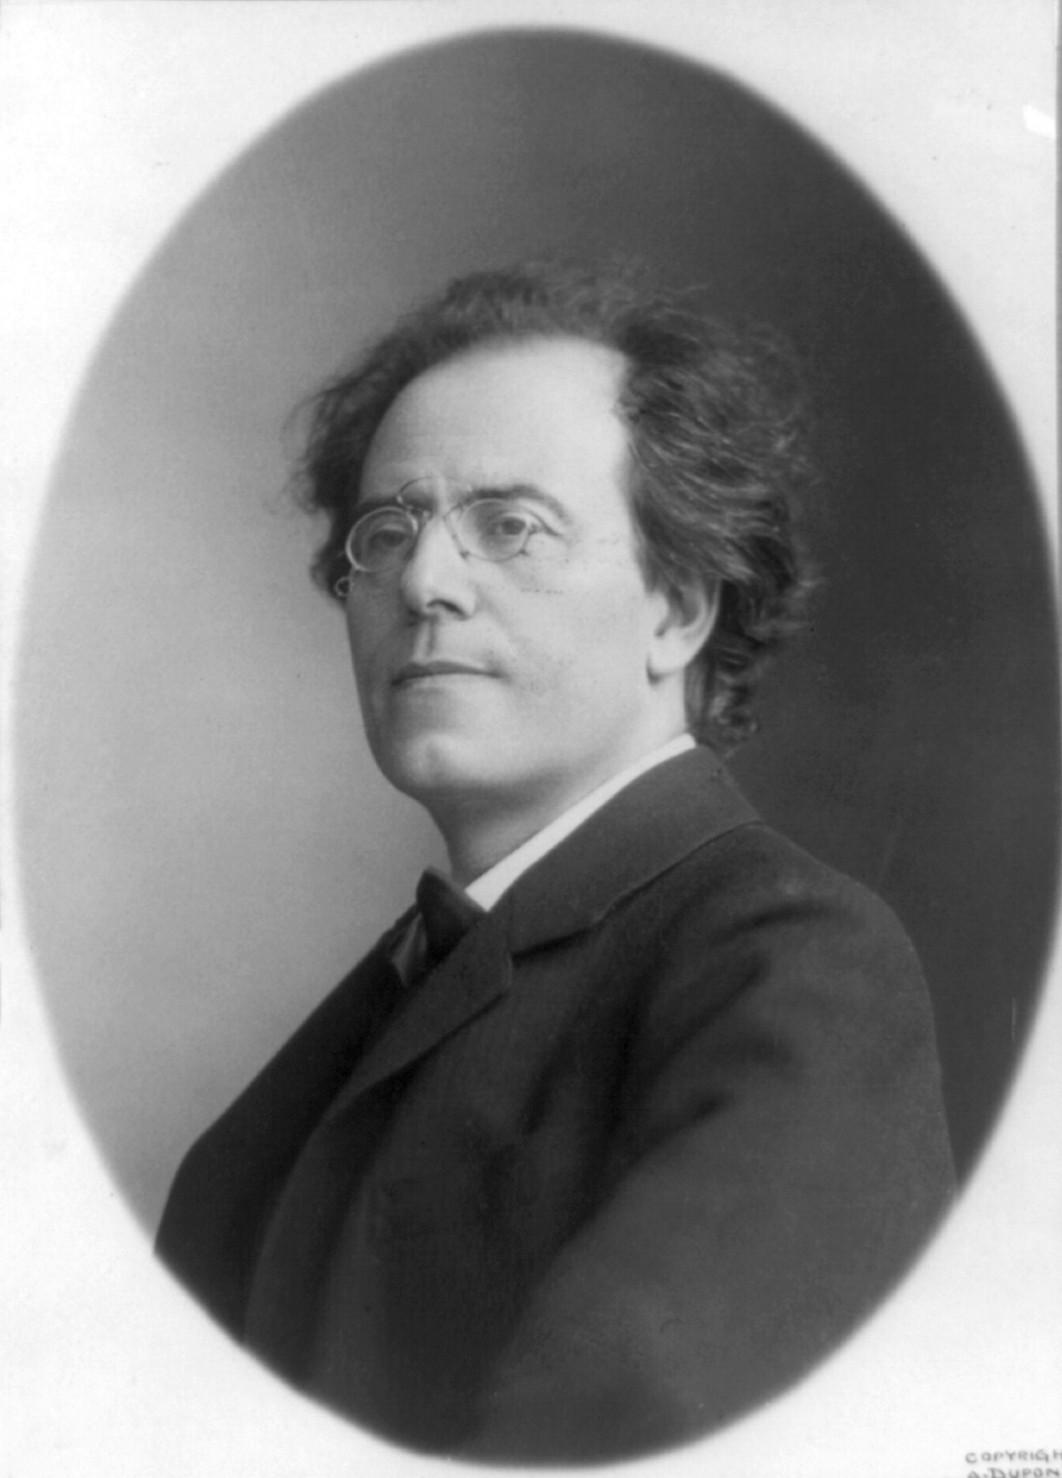 Gustav Mahler Mahler - The Royal Philharmonic Orchestra Royal Philharmonic Orchestra Mahler Symphony No. 5